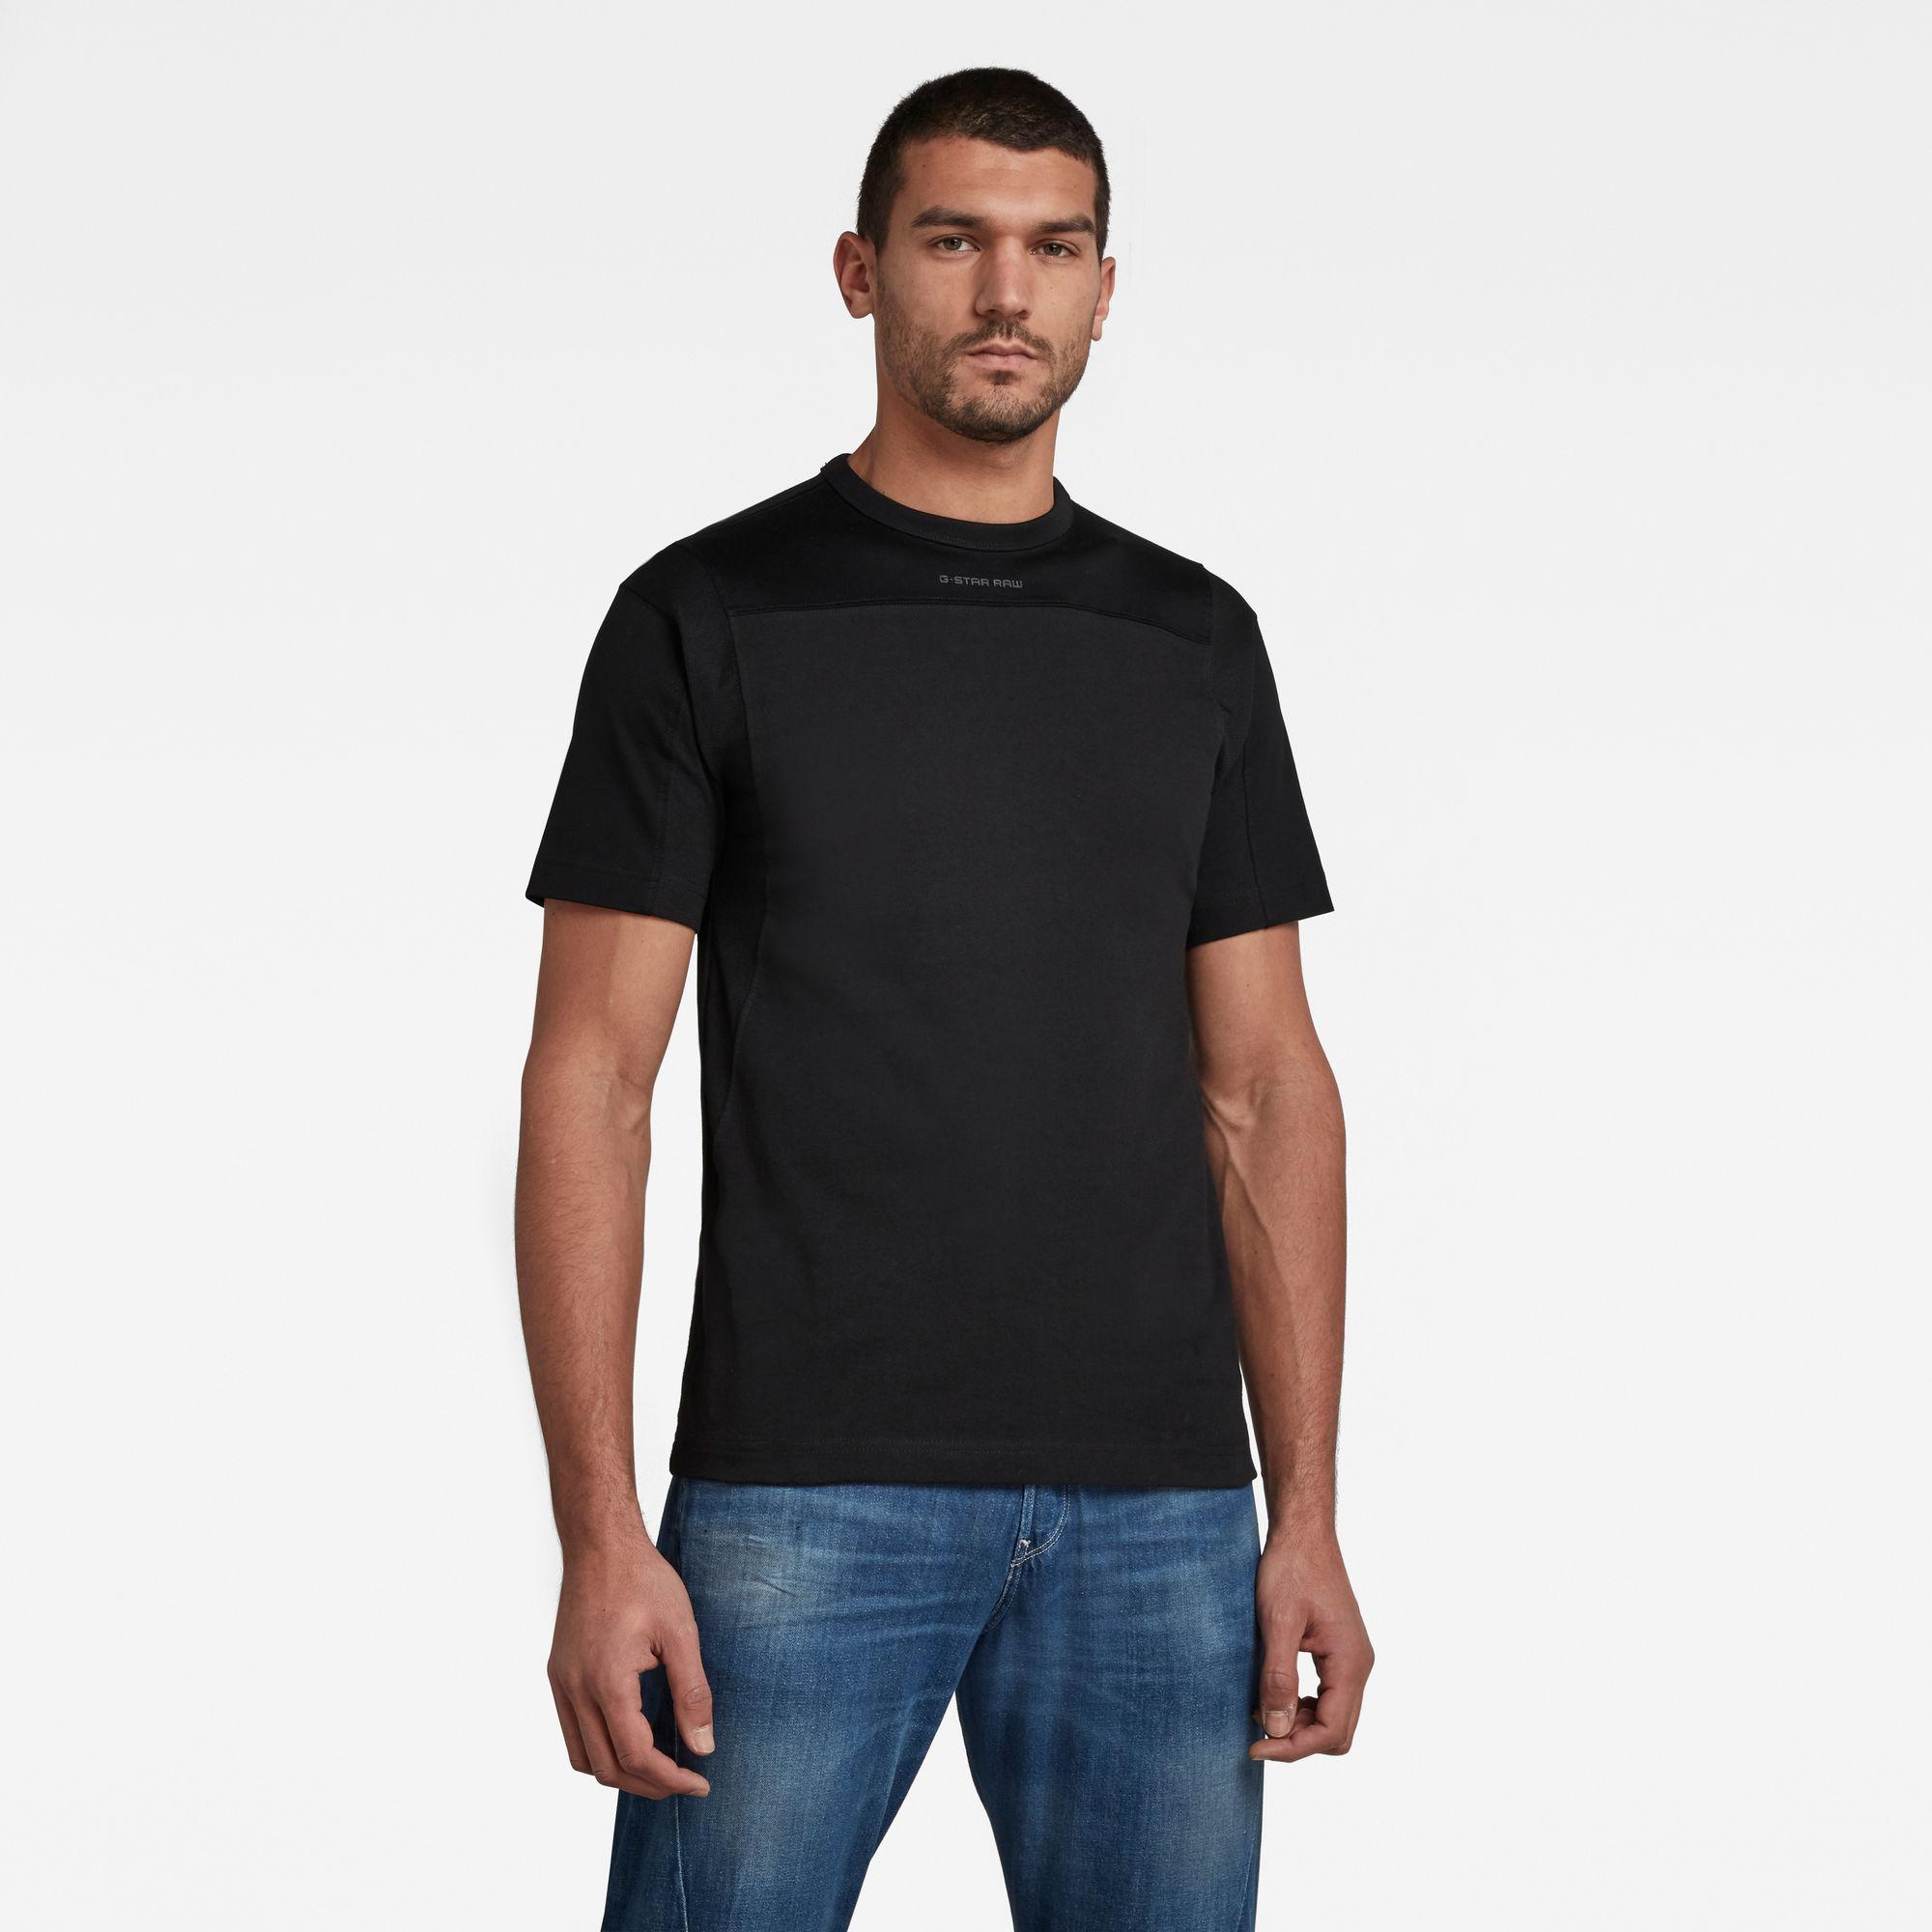 G-Star RAW Heren Moto Mesh Motac T-Shirt Zwart